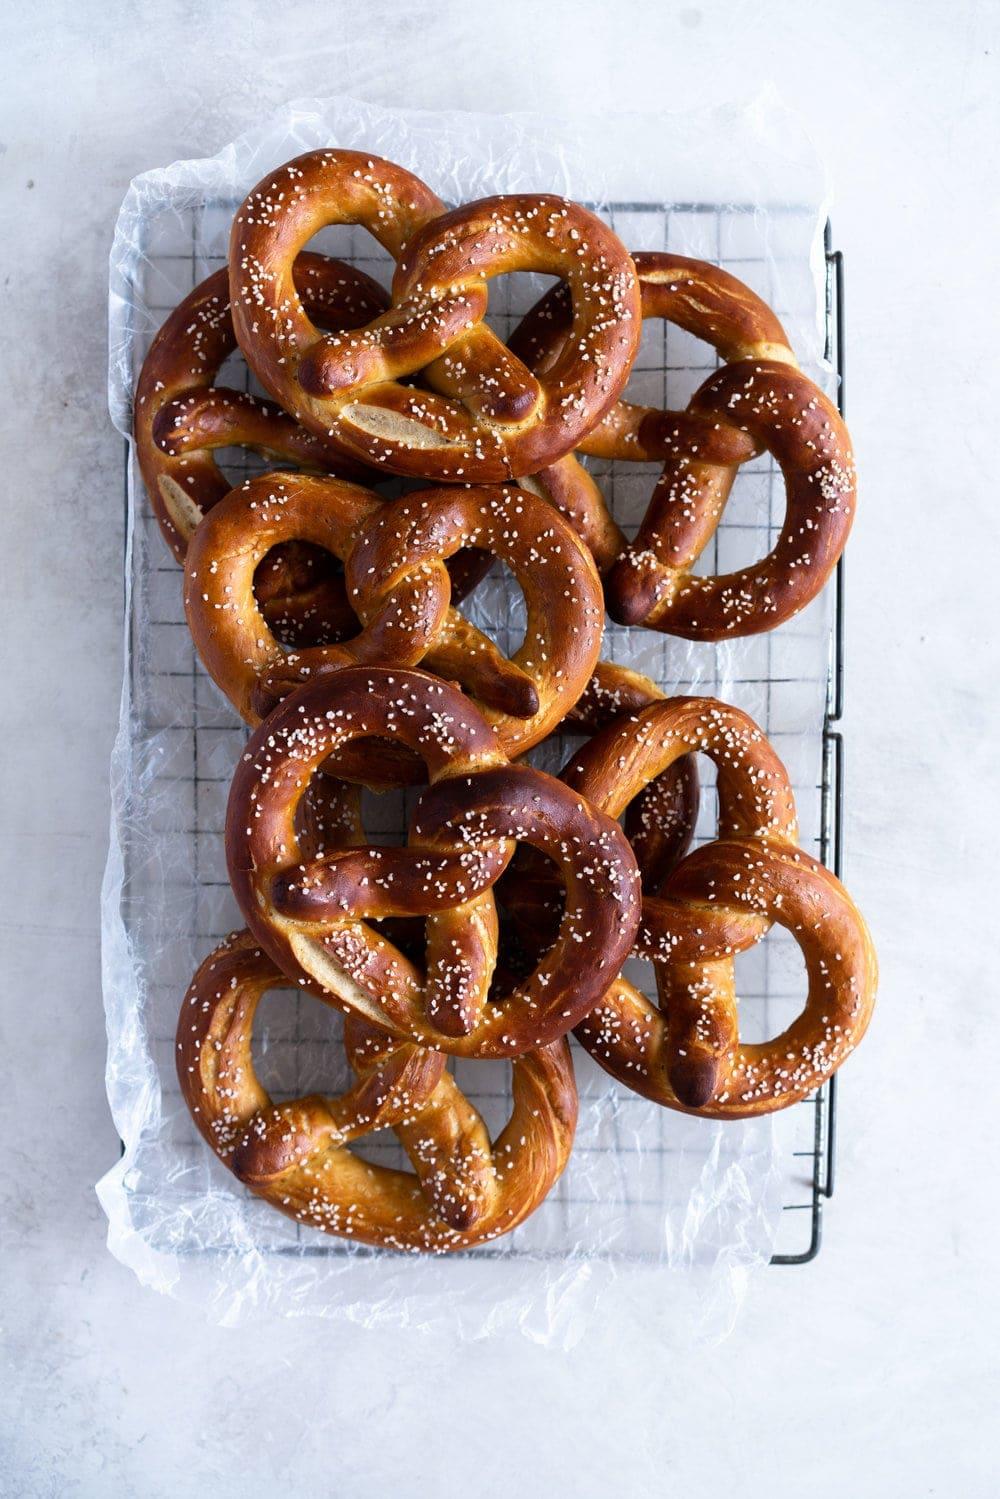 Soft pretzels cooling on rack